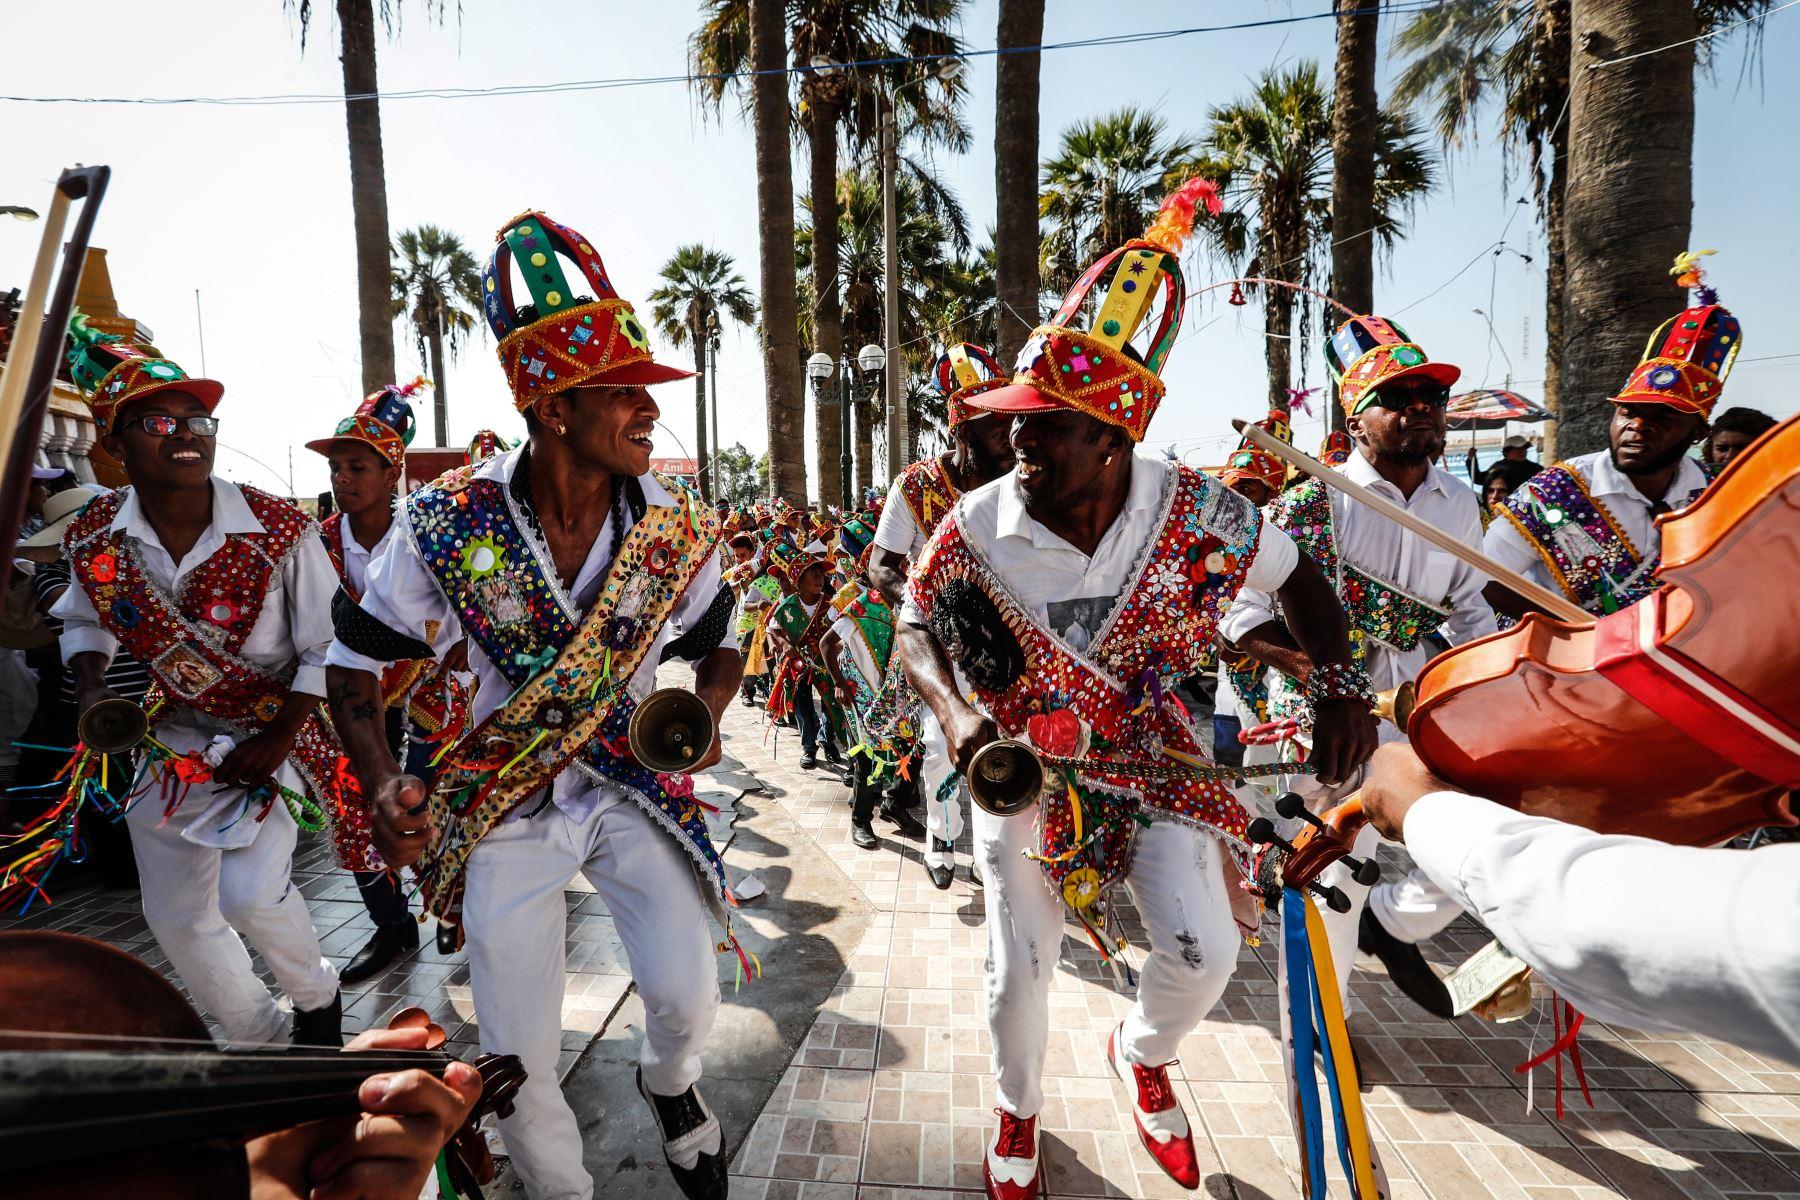 Así celebra Chincha la fiesta de Hatajo de Negritos y Las Pallitas    Noticias   Agencia Peruana de Noticias Andina